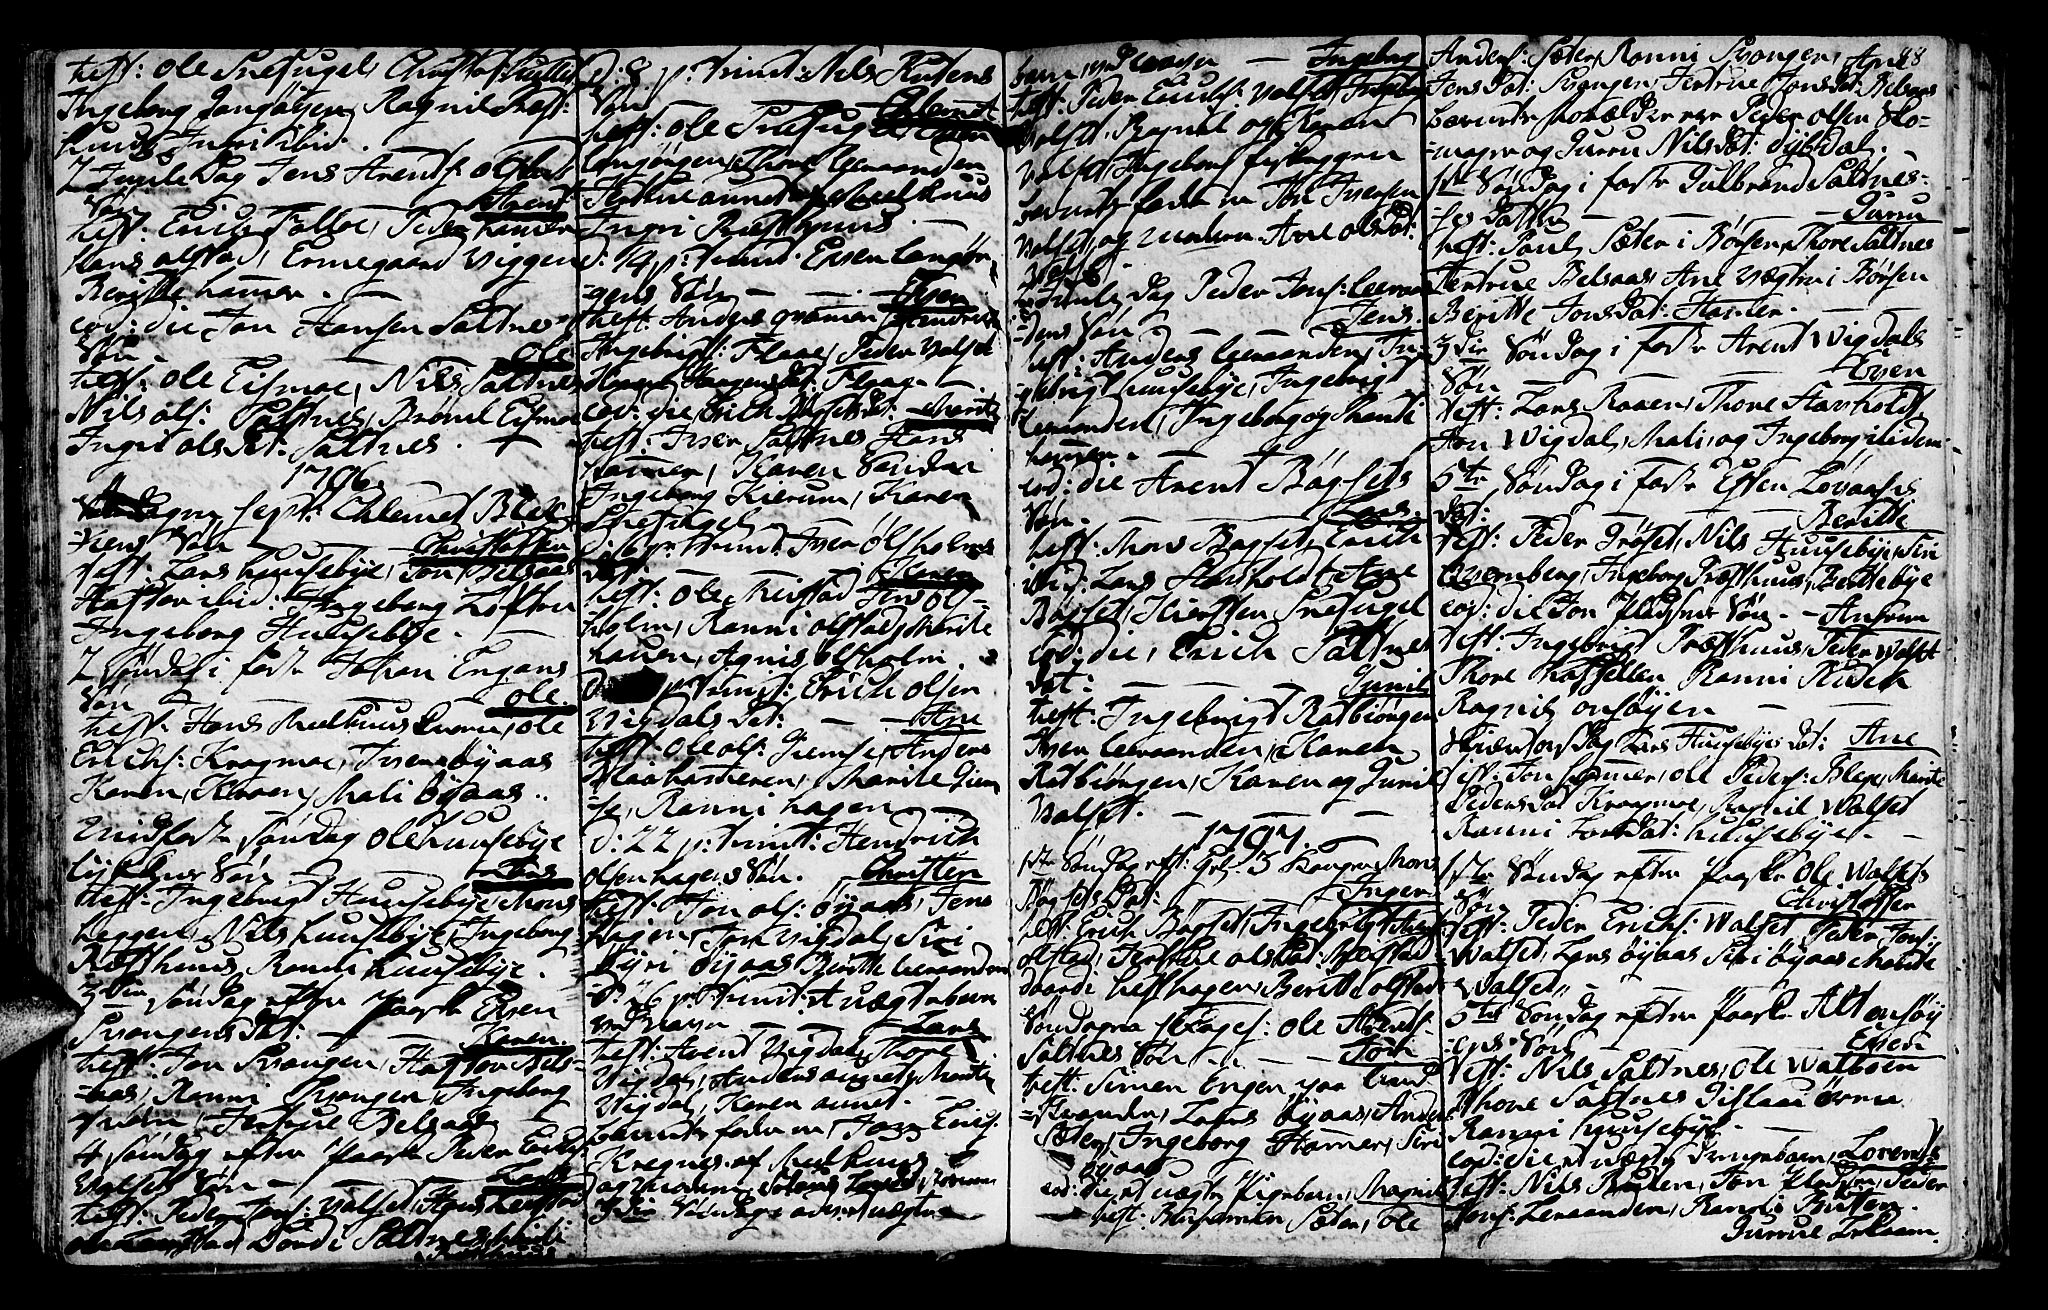 SAT, Ministerialprotokoller, klokkerbøker og fødselsregistre - Sør-Trøndelag, 666/L0784: Ministerialbok nr. 666A02, 1754-1802, s. 88